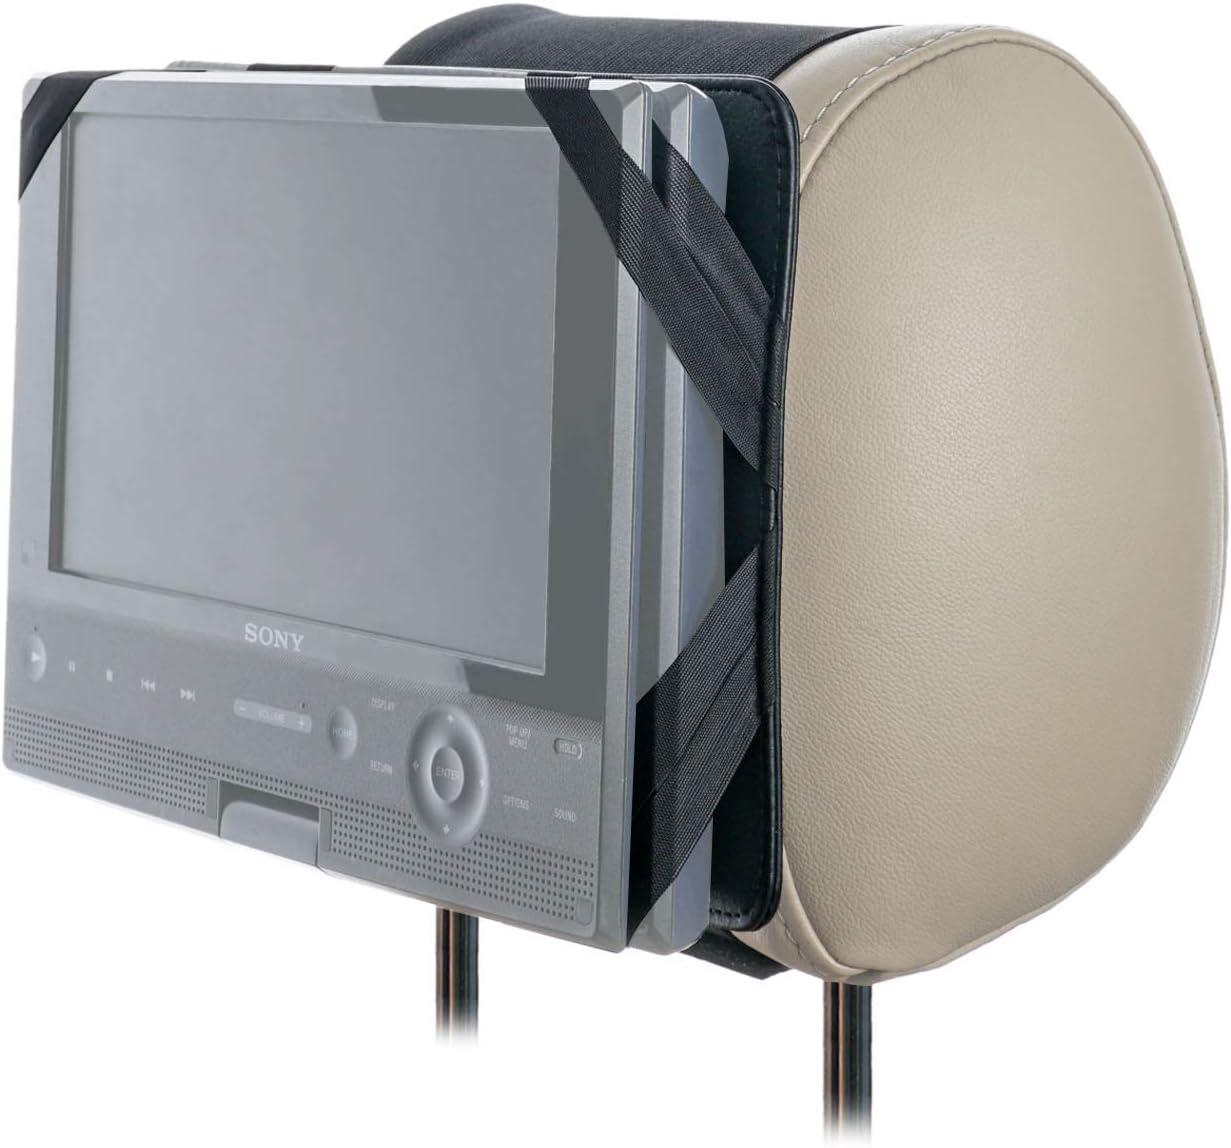 TFY - Soporte para reposacabezas de Coche para Reproductor de BLU-Ray portátil Sony BDPSX910: Amazon.es: Electrónica